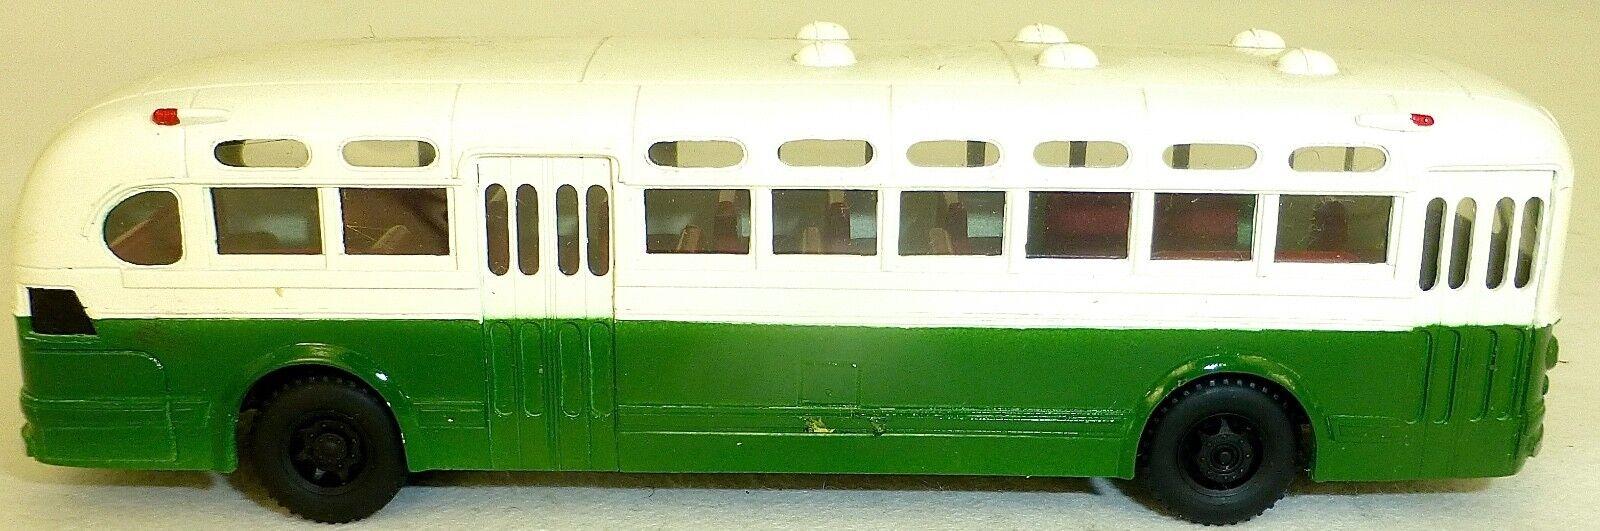 Sist 154 1947 kiew lissiza v & v - bus  87 h0 å